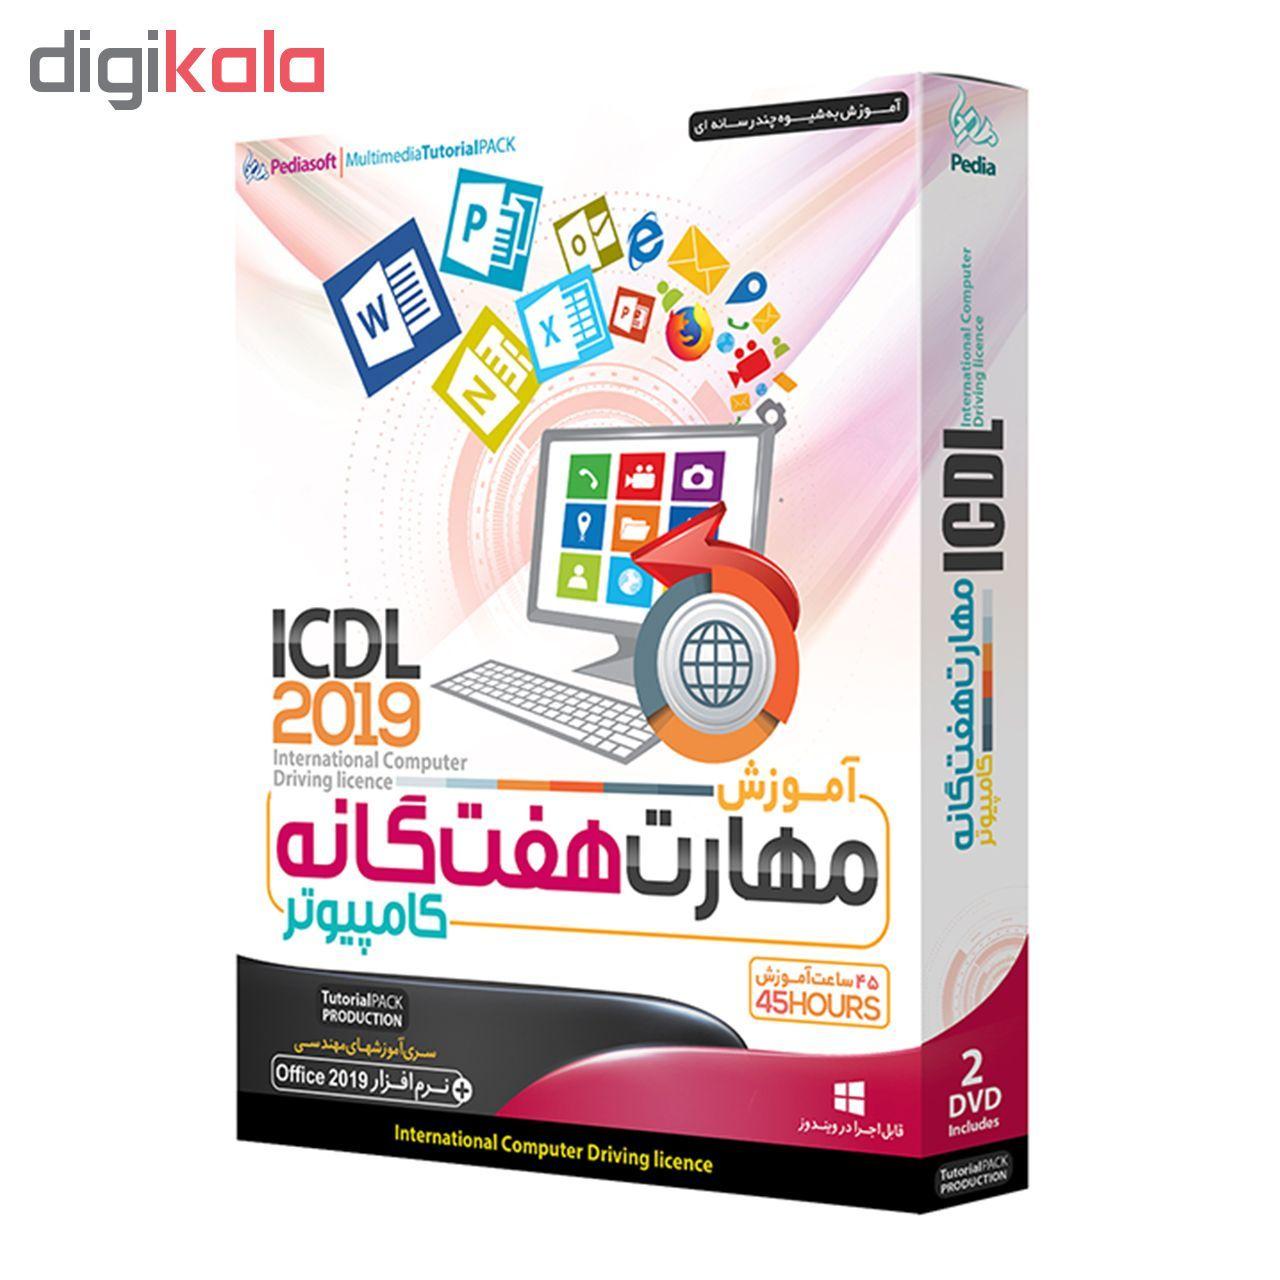 آموزش جامع ICDL 2019 نشر پدیا main 1 1